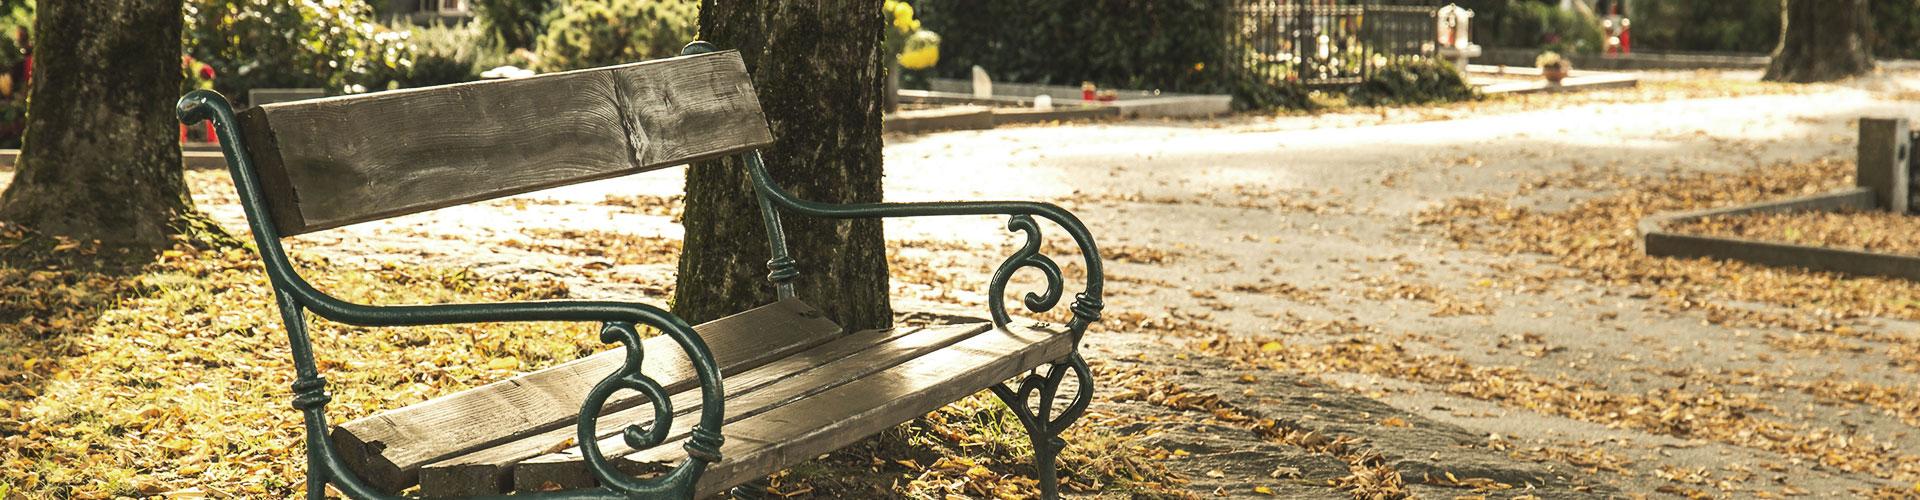 Eine Bank steht auf einem Friedhof, überall liegt Herbstlaub